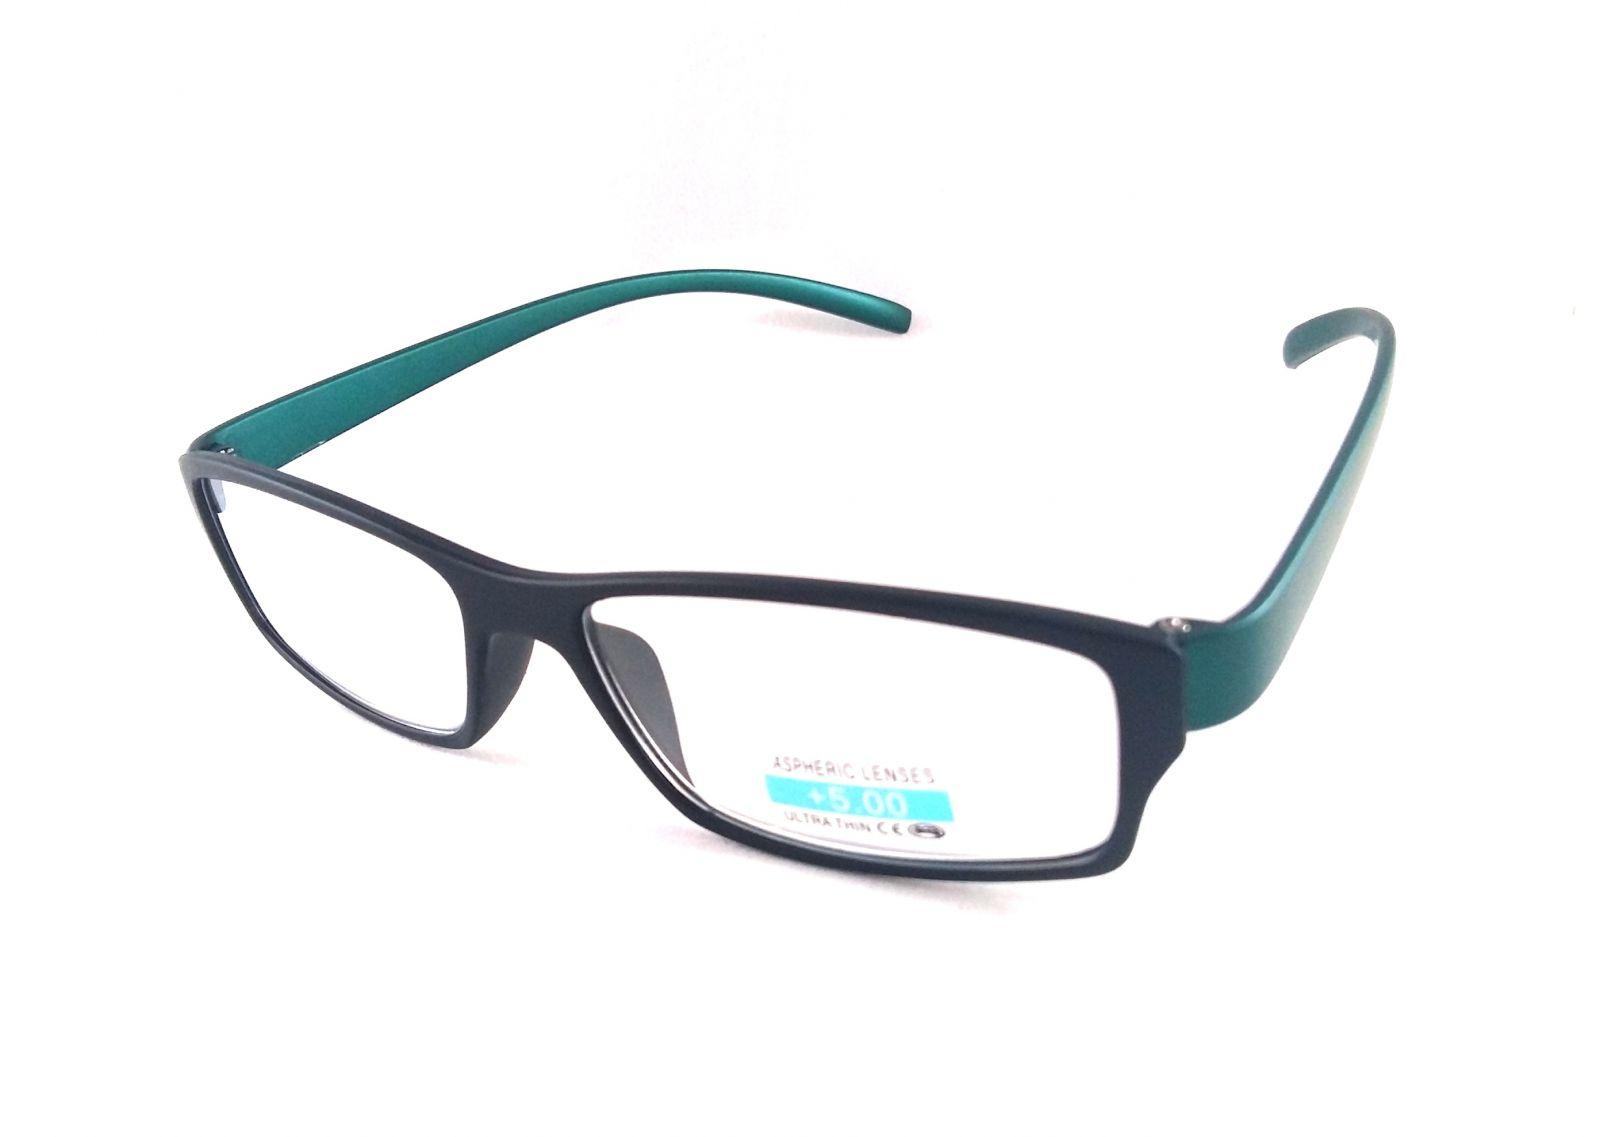 Dioptrické brýle P2.03/ +5,00 zelená nožička